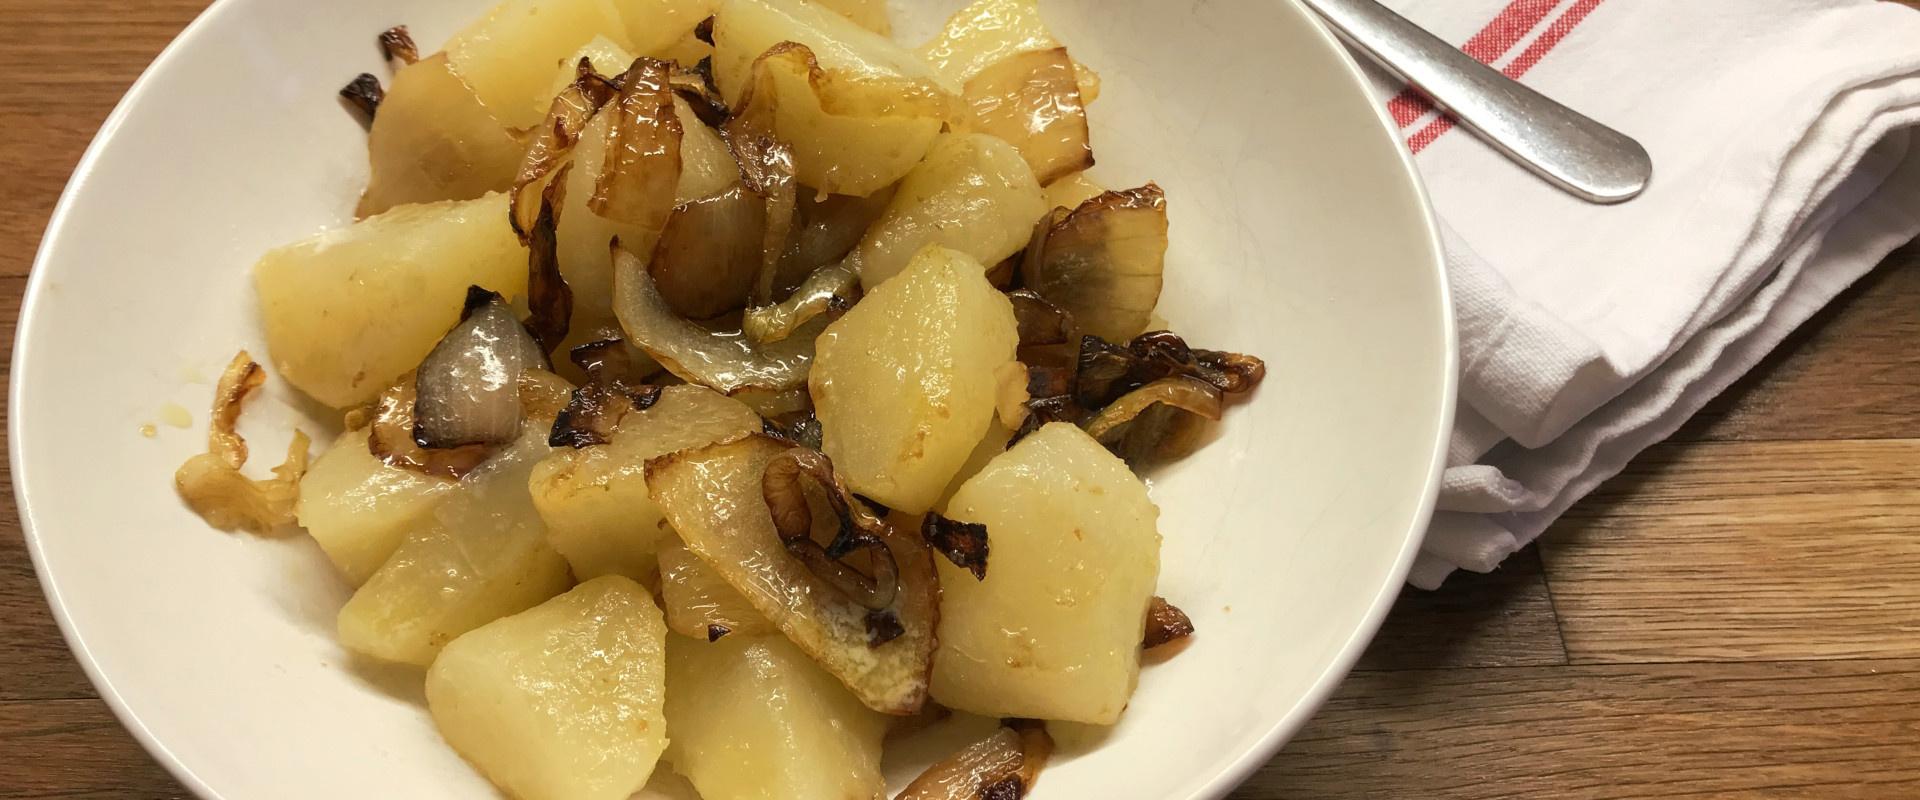 pirított hagymás krumpli cover